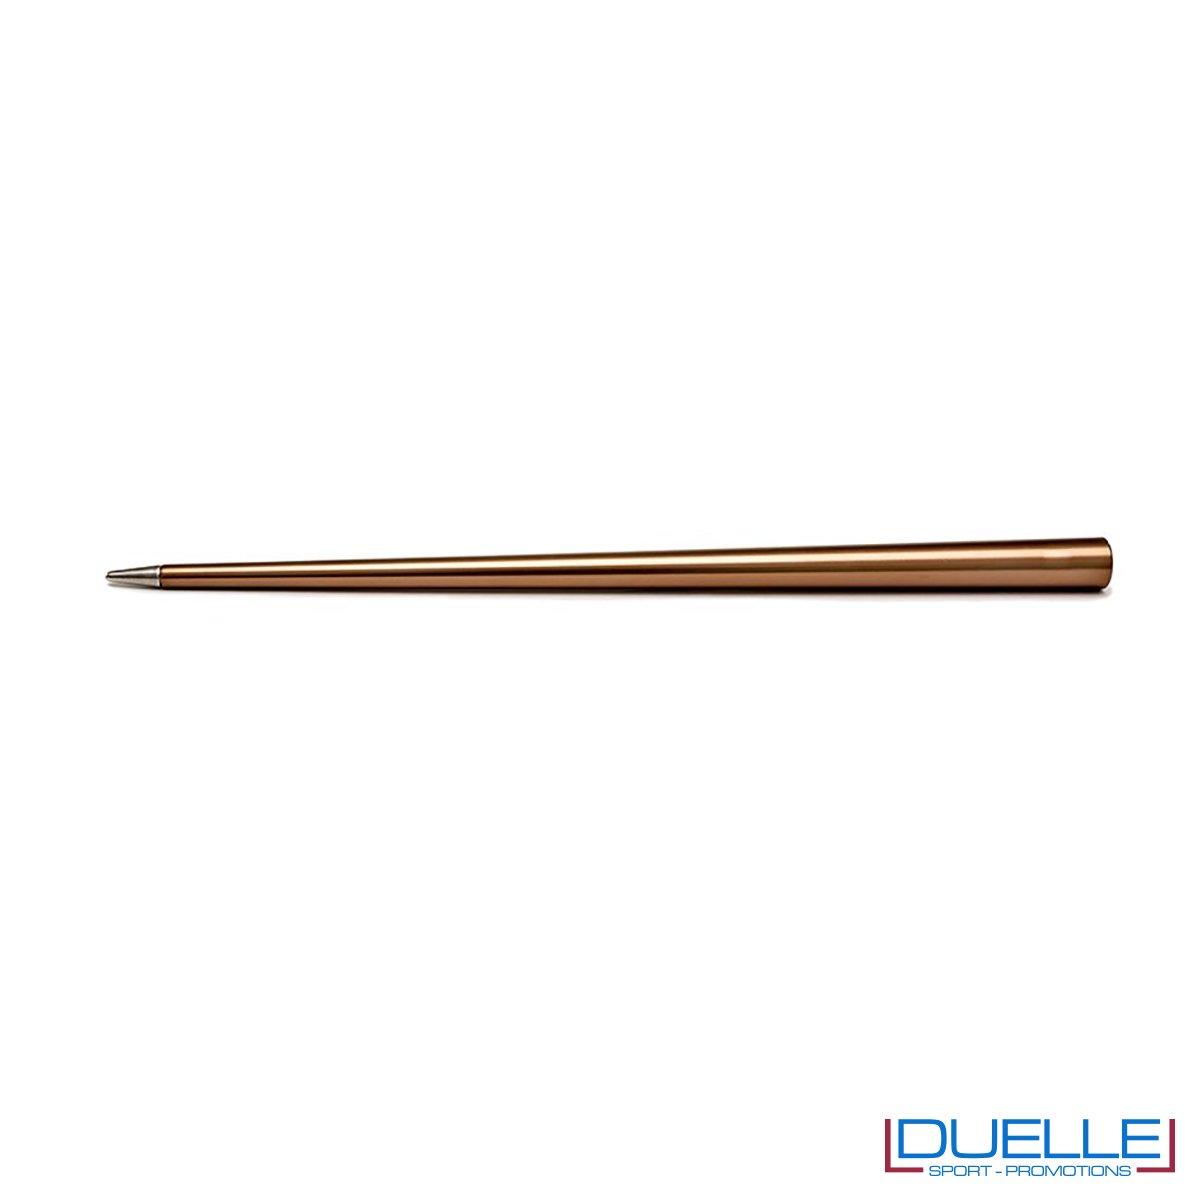 matita infinita personalizzata in colore rame, matita infinita 4ever promozionale in colore rame